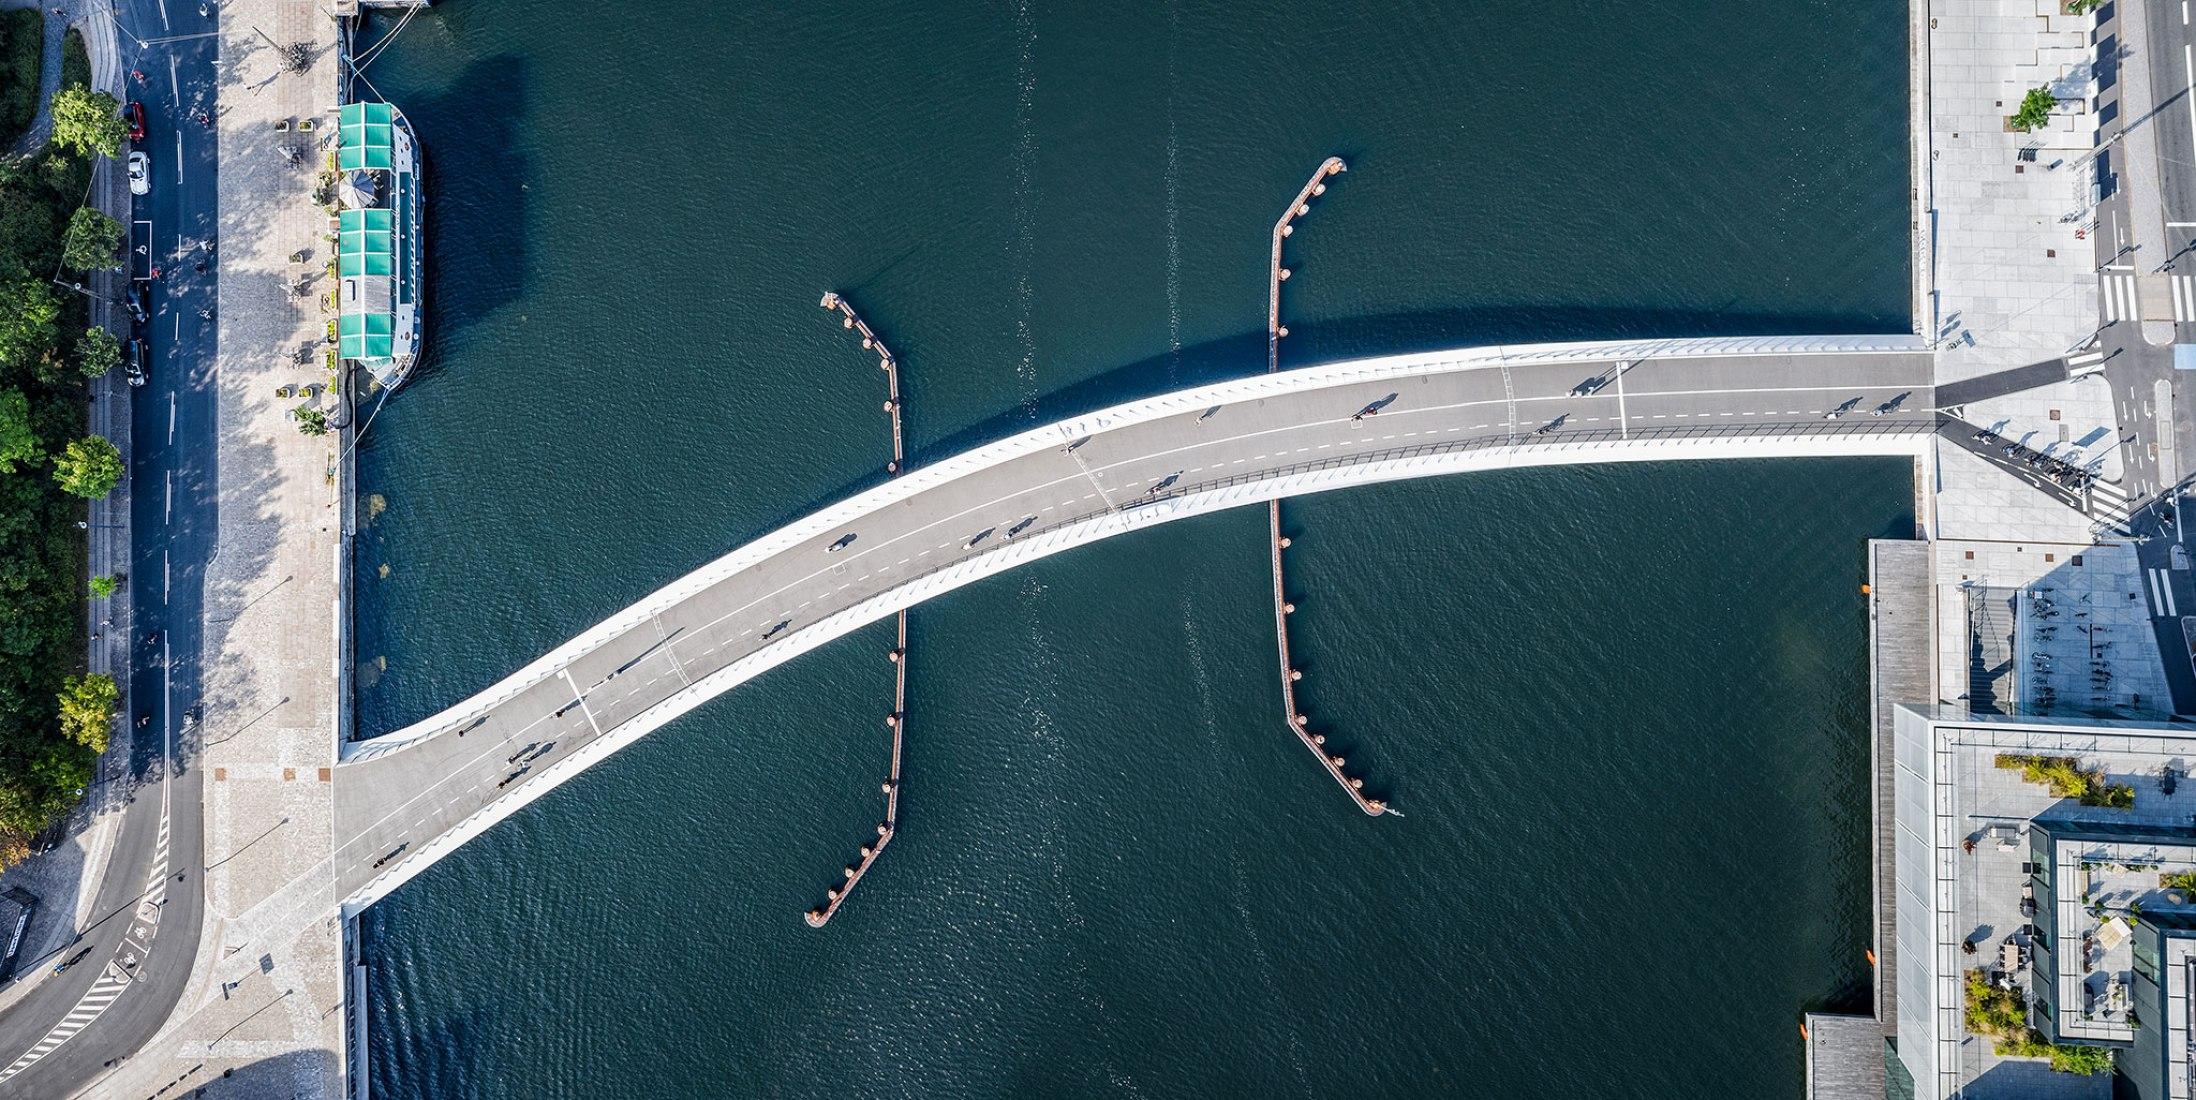 Lille Langebro cycle and pedestrian bridge by WilkinsonEyre. Photograph by Rasmus Hjortshøj / Realdania By & Byg.